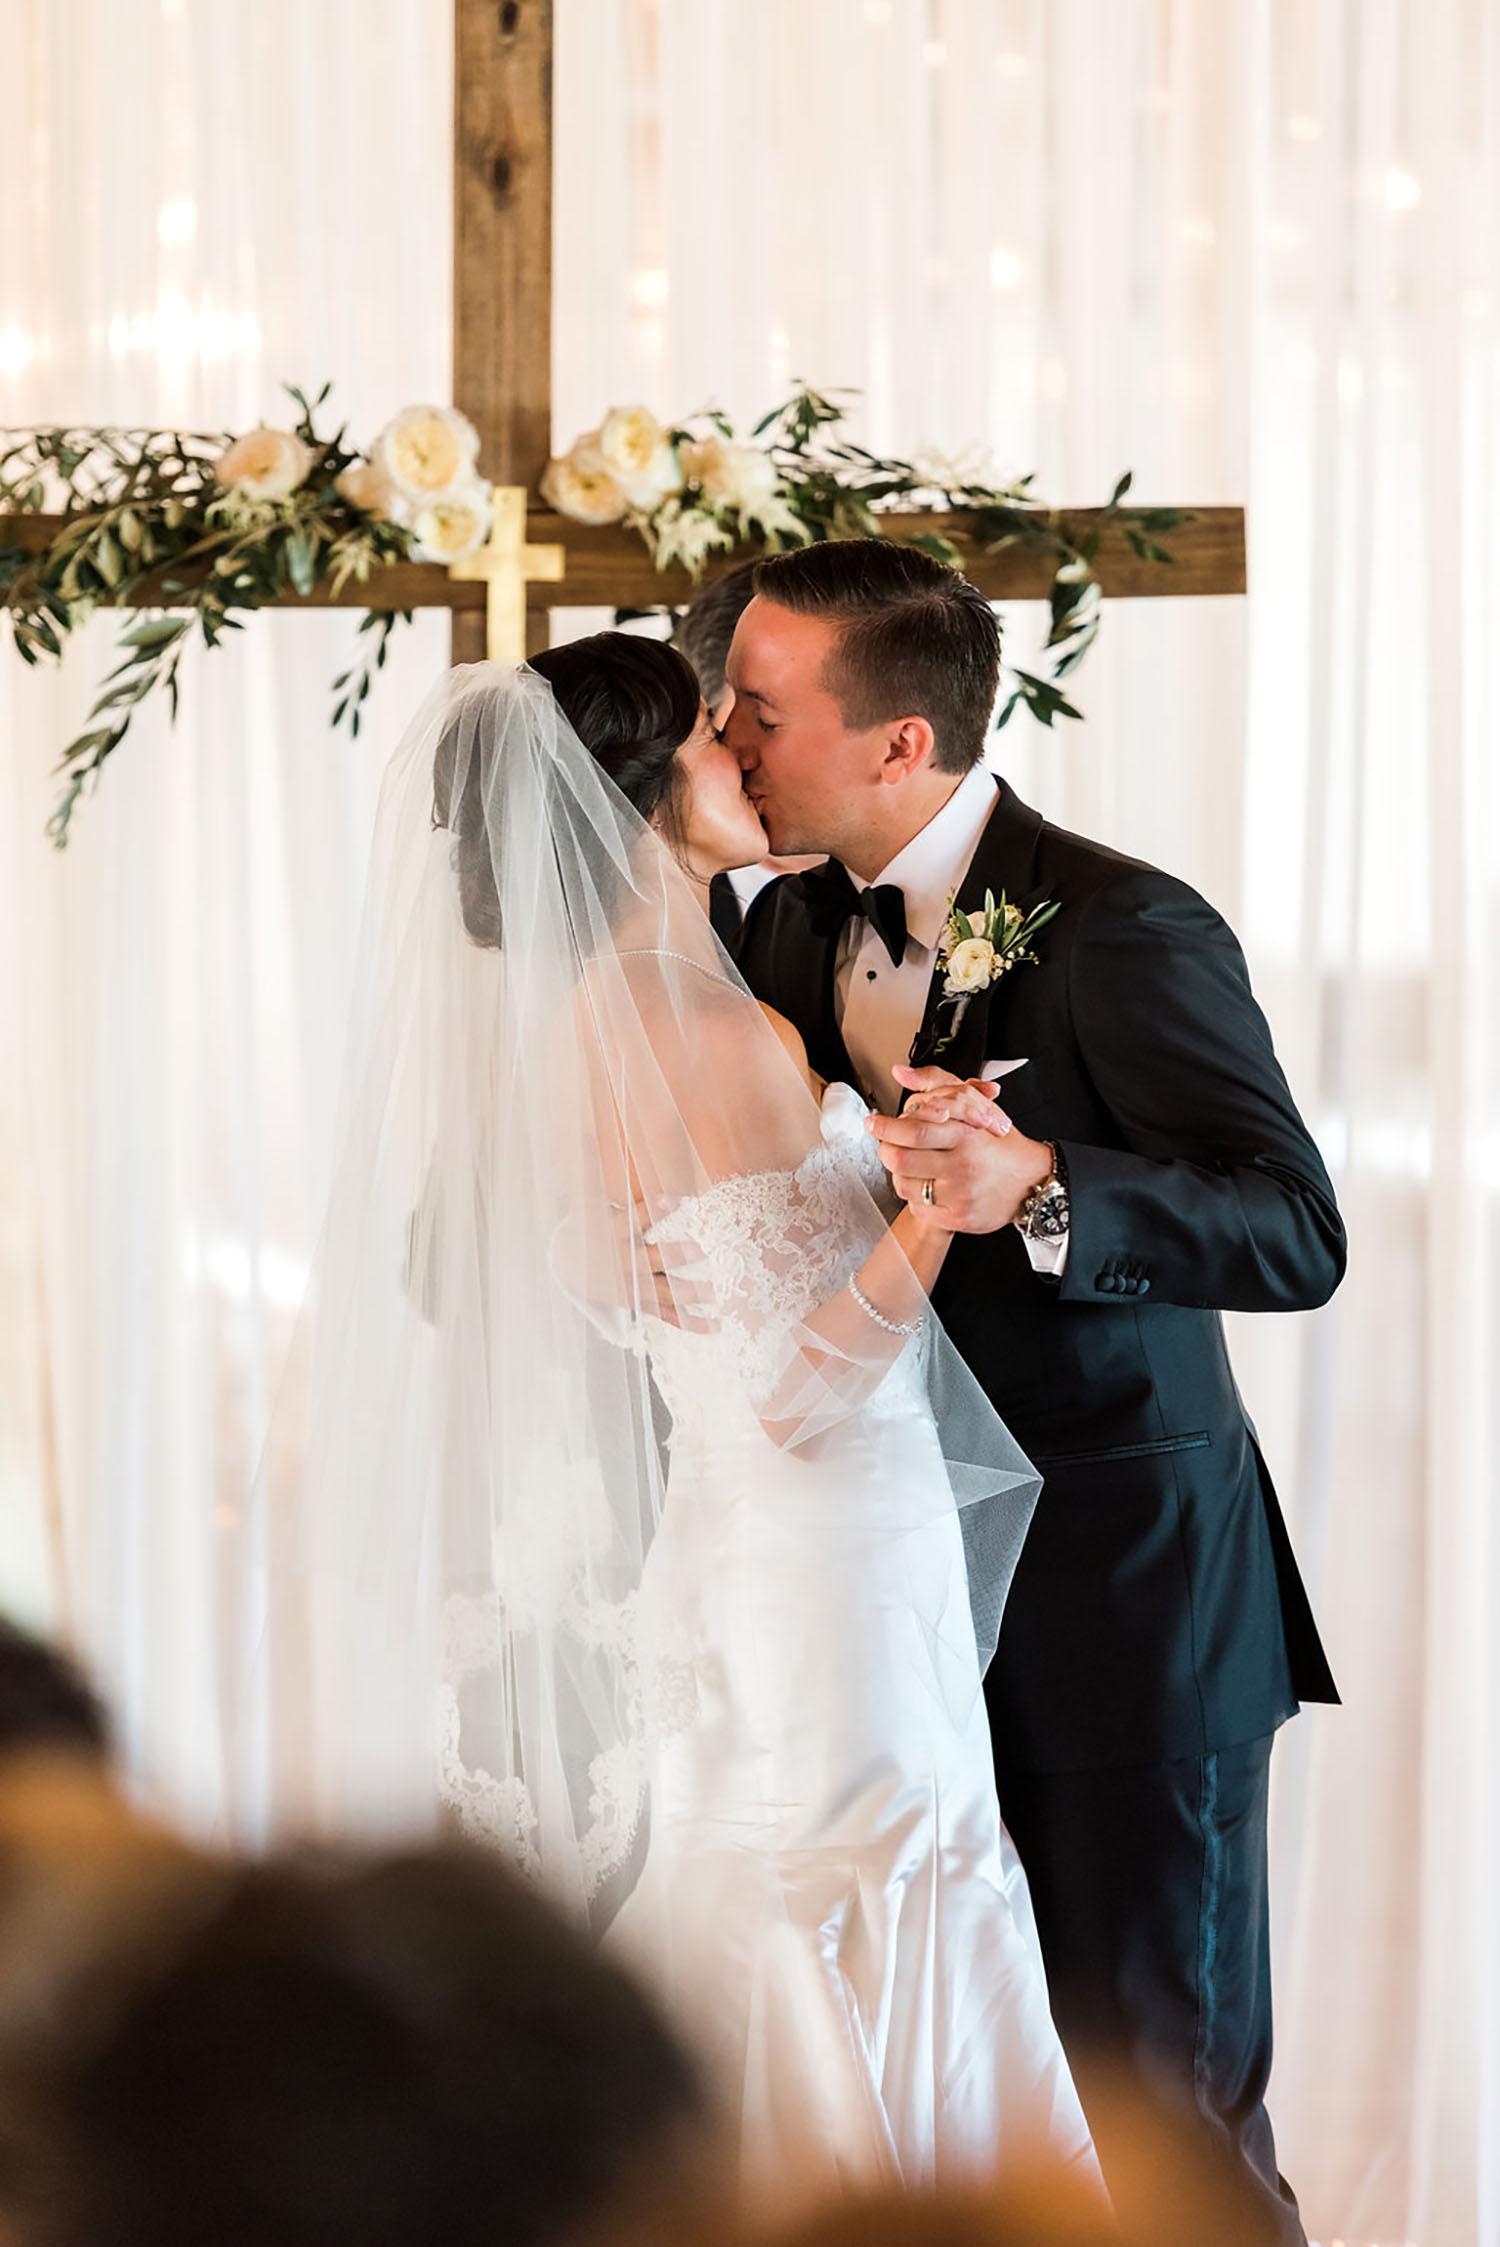 Brooke&KyleWedding_RusticWhite303.jpg